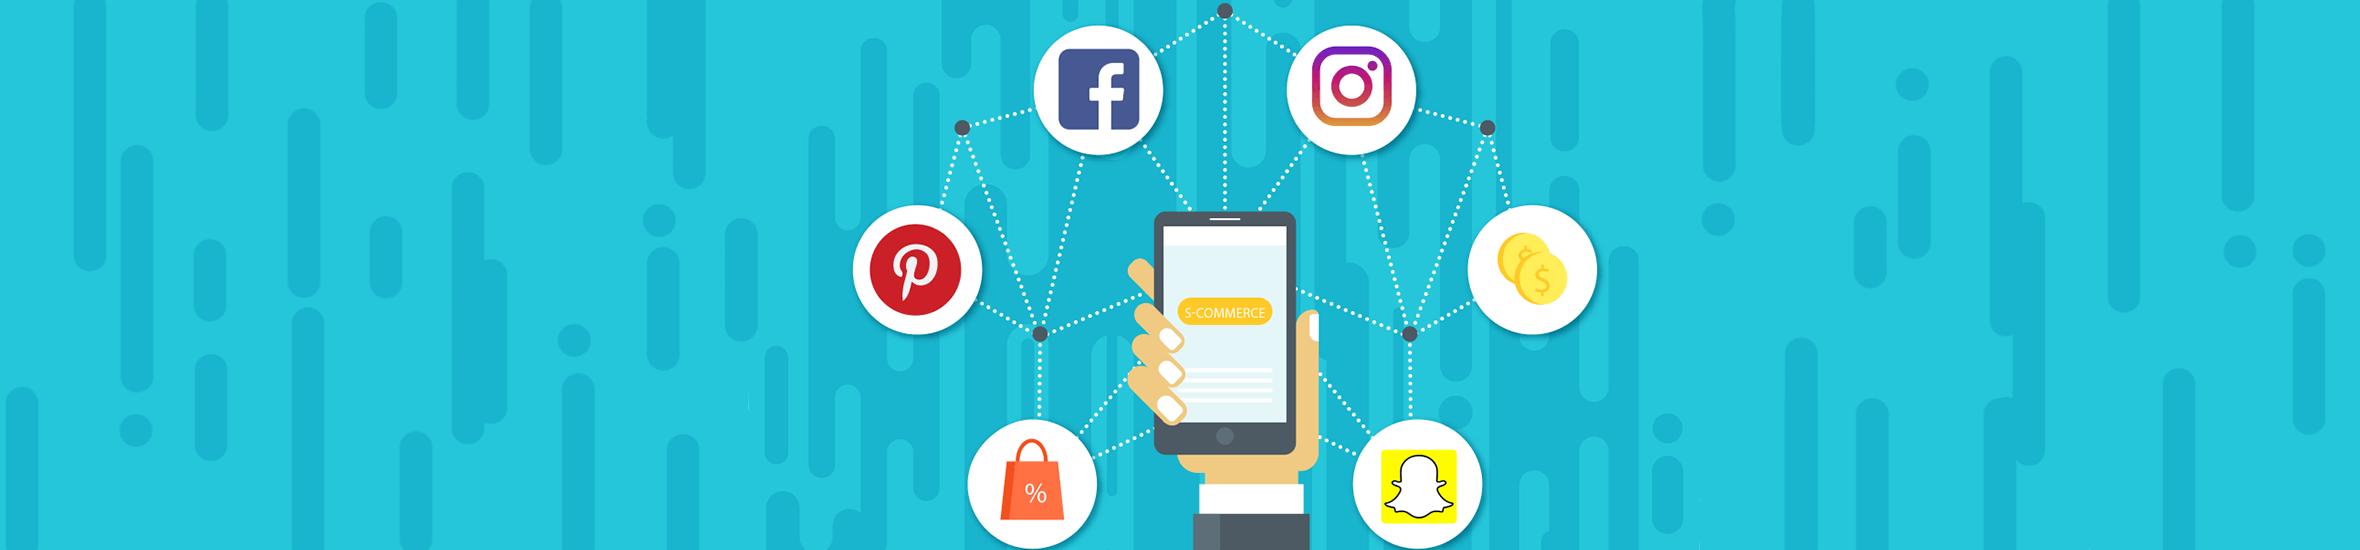 Le s-commerce : les réseaux sociaux au service du e-commerce